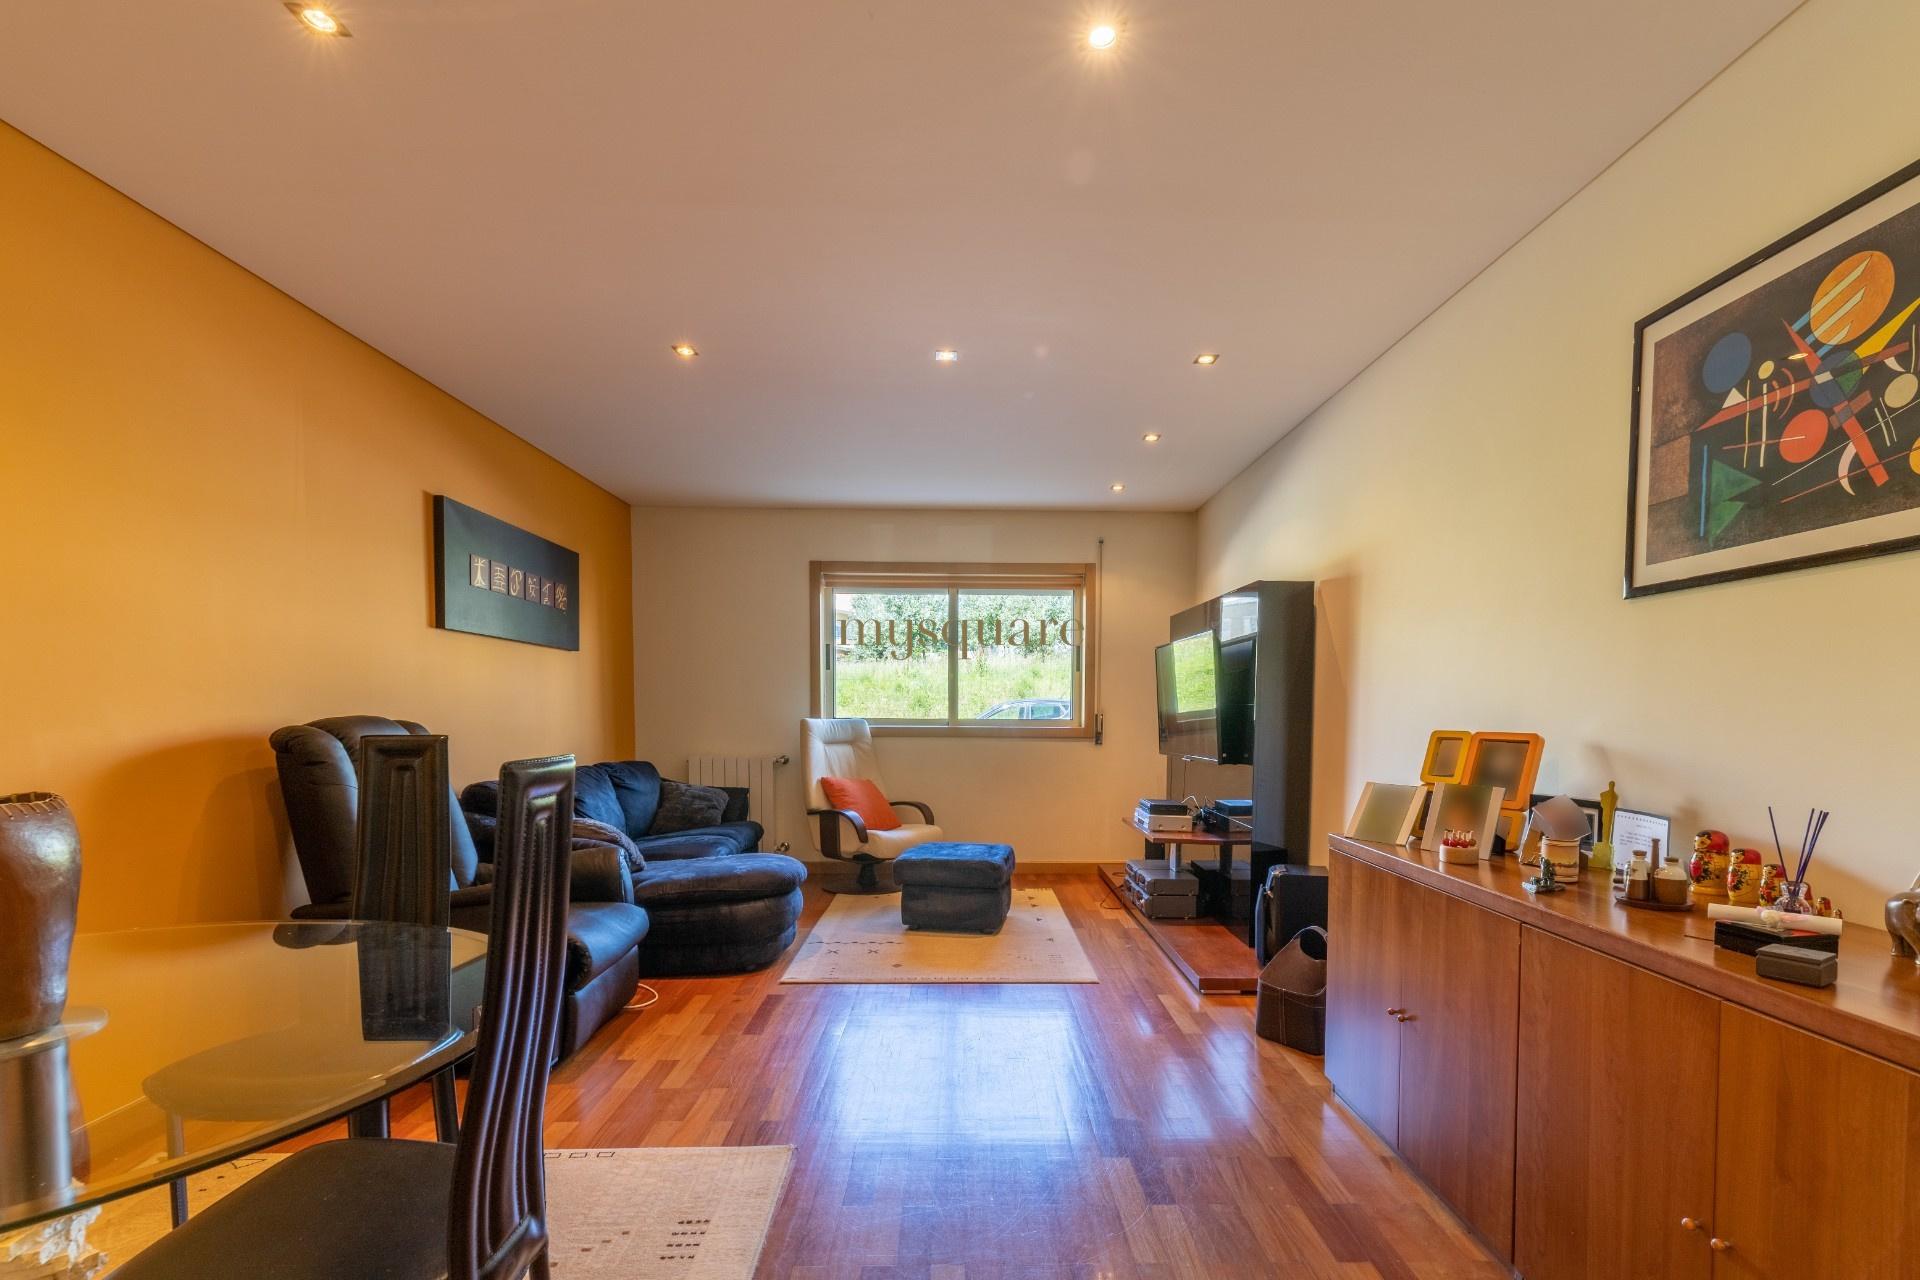 Apartamento T3 com Terraço e Box Fechada no centro de Avintes, Vila Nova de Gaia